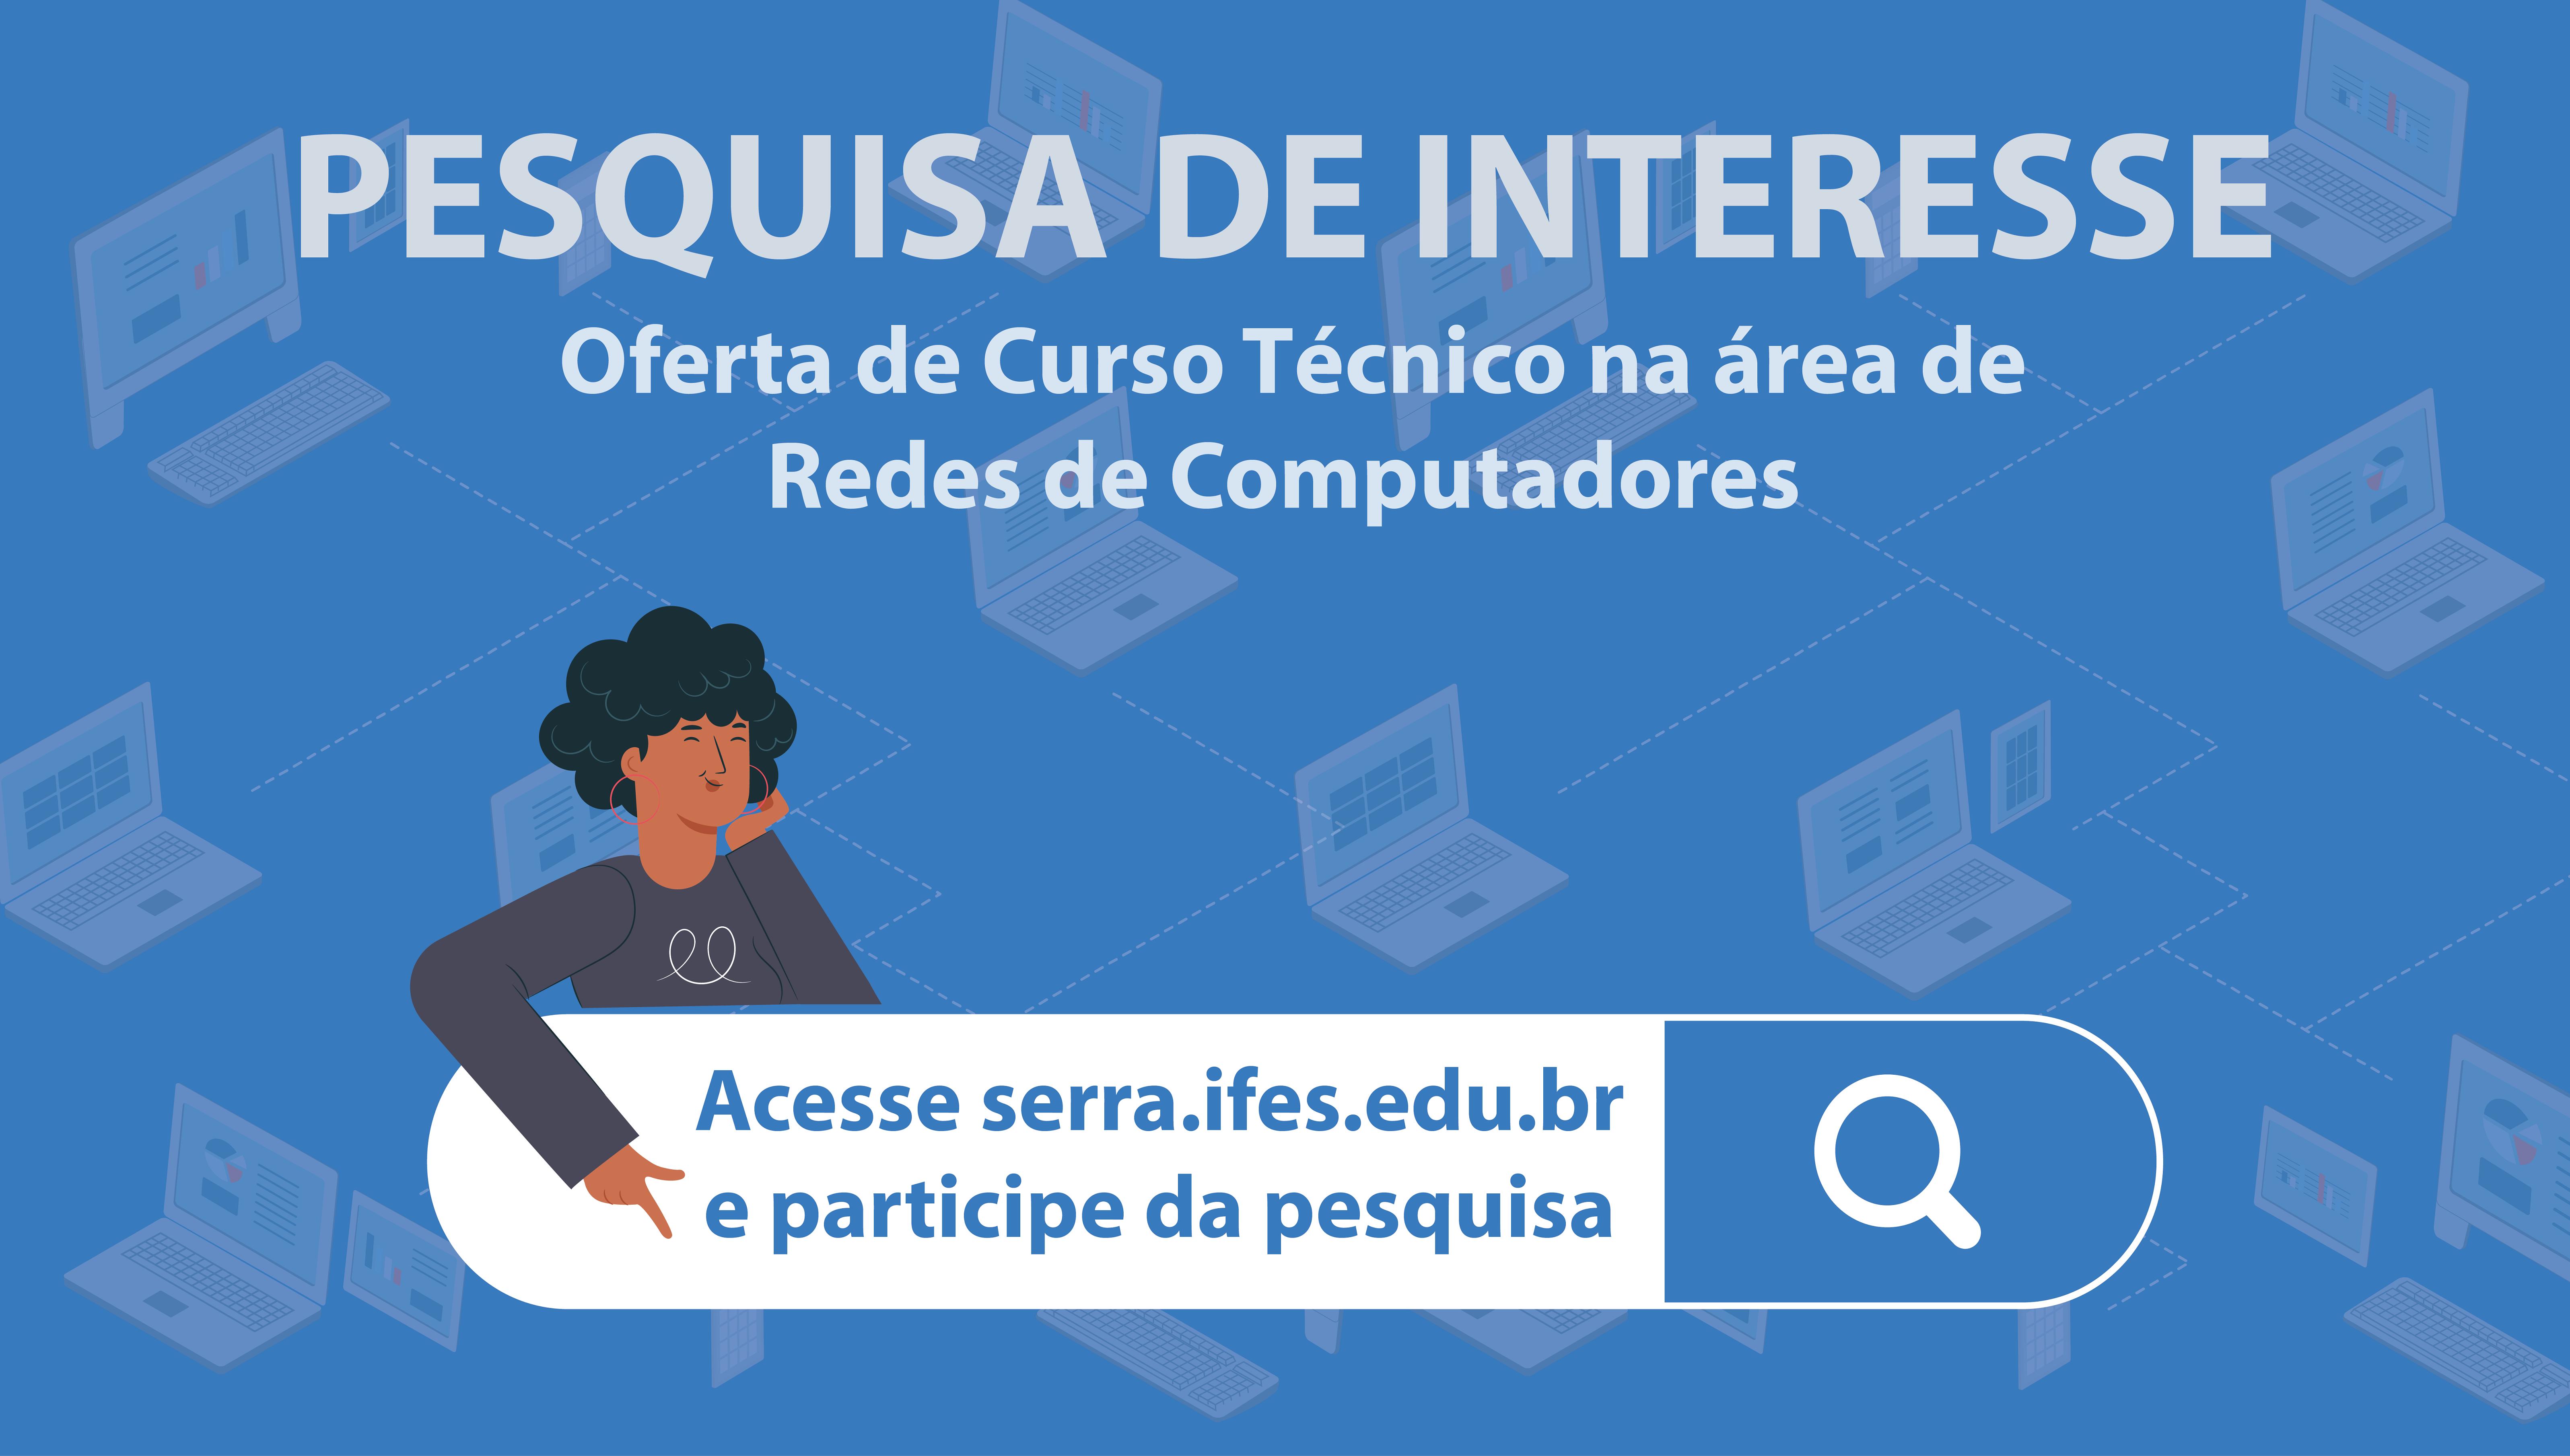 Participe da pesquisa de interesse para oferta de novo curso técnico na área de redes de Computadores